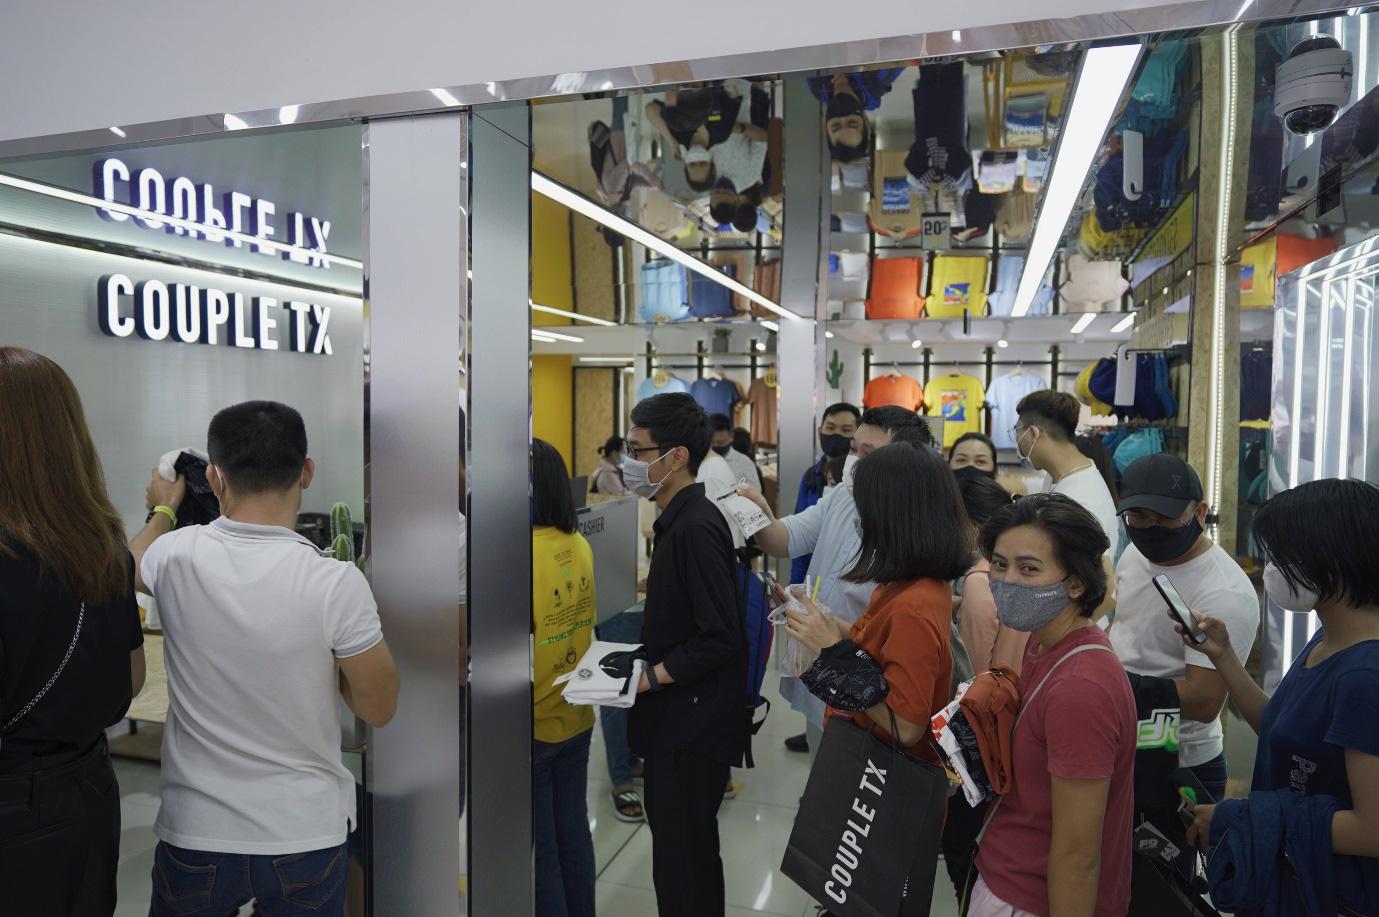 Hàng dài người xếp hàng chờ khai trương cửa hàng Couple TX - Ảnh 3.